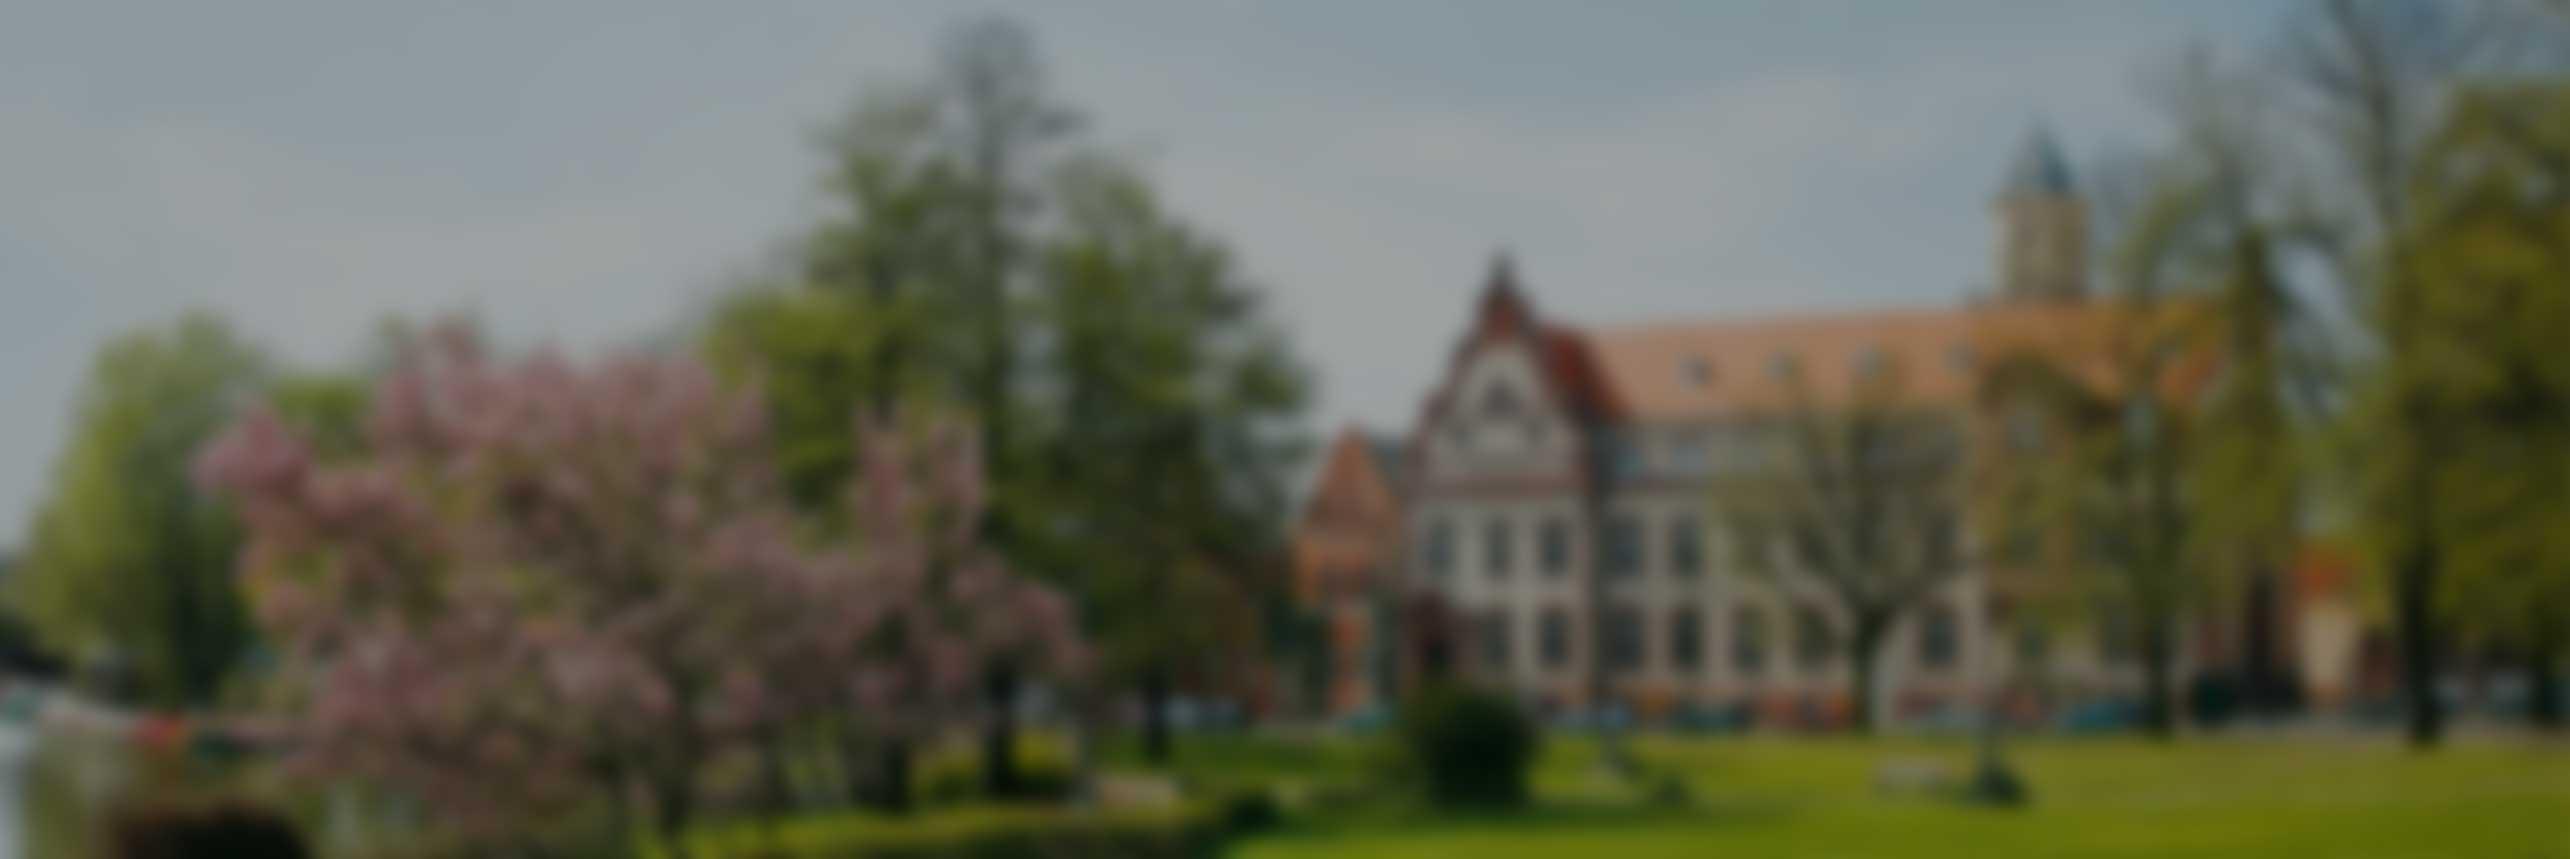 Desigschule Berlin Aussenansicht